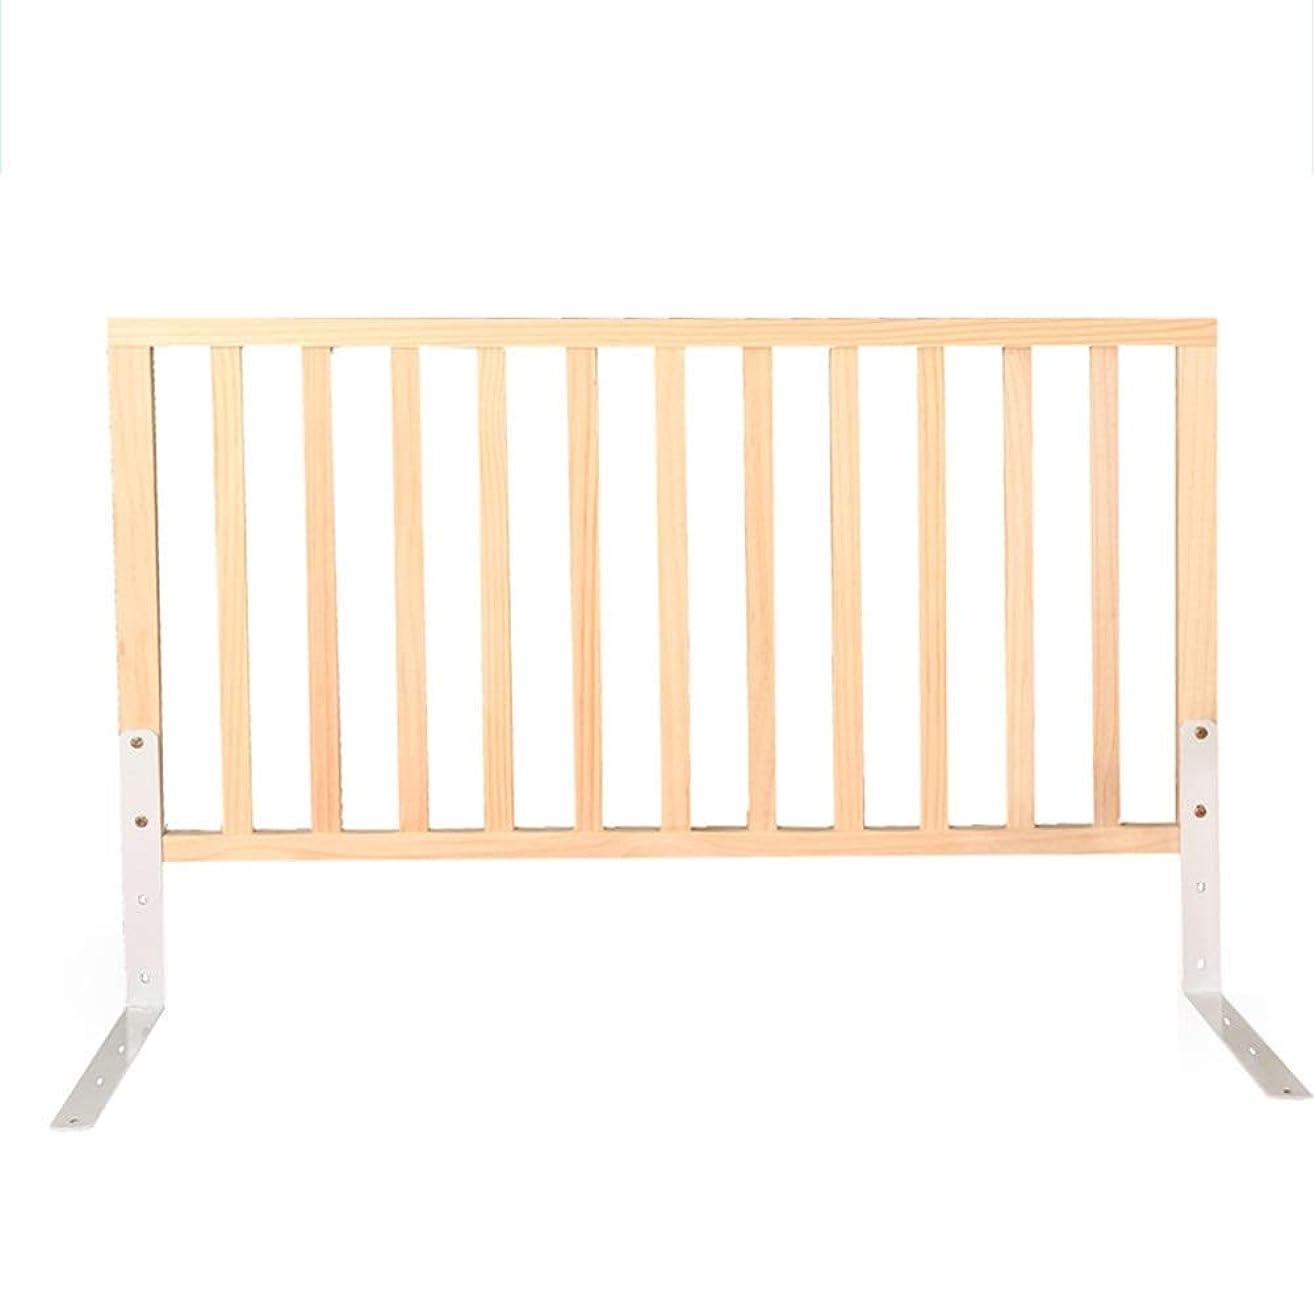 投げる存在モトリーXyanzi-ガードレールフェンス 幼児のガードレール、純木のベッドの柵の監視高さ調節可能なスラット及びBoxspringのための普遍的な適合(サイズ:150cm) (色 : A, サイズ さいず : 120cm)